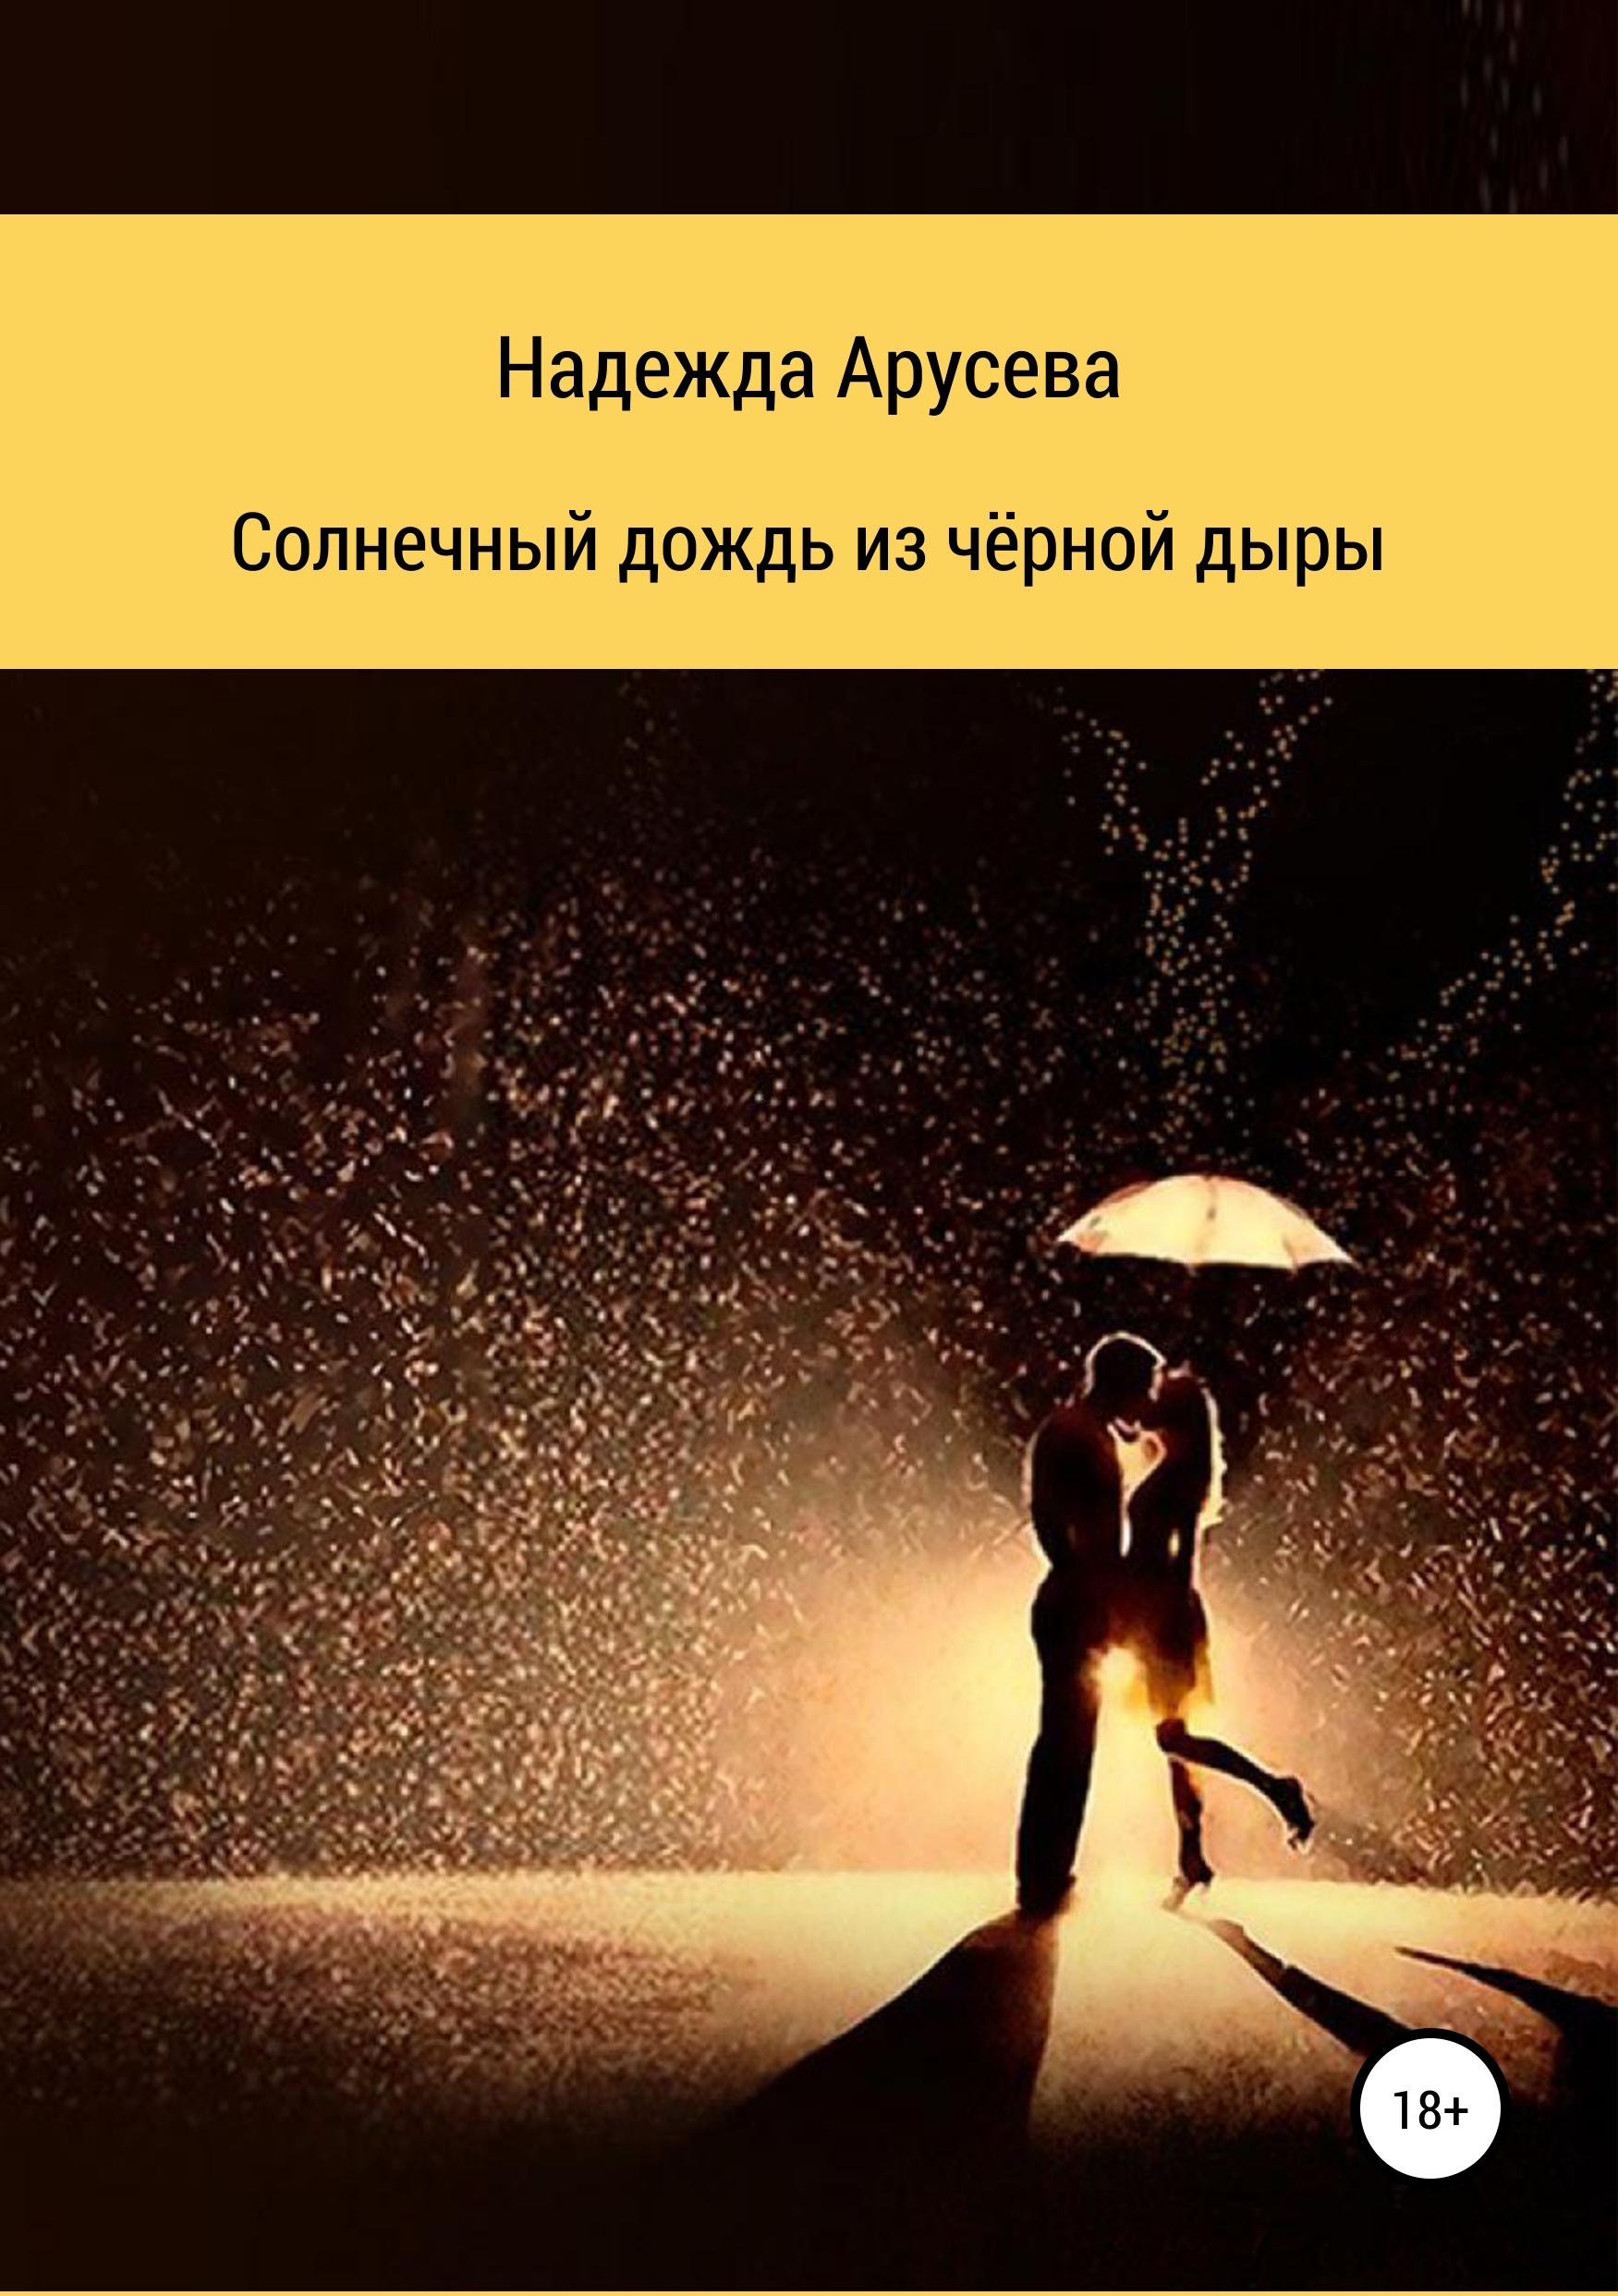 Надежда Ивановна Арусева Солнечный дождь из черной дыры надежда ивановна арусева тихий омут – индивидуальные черти